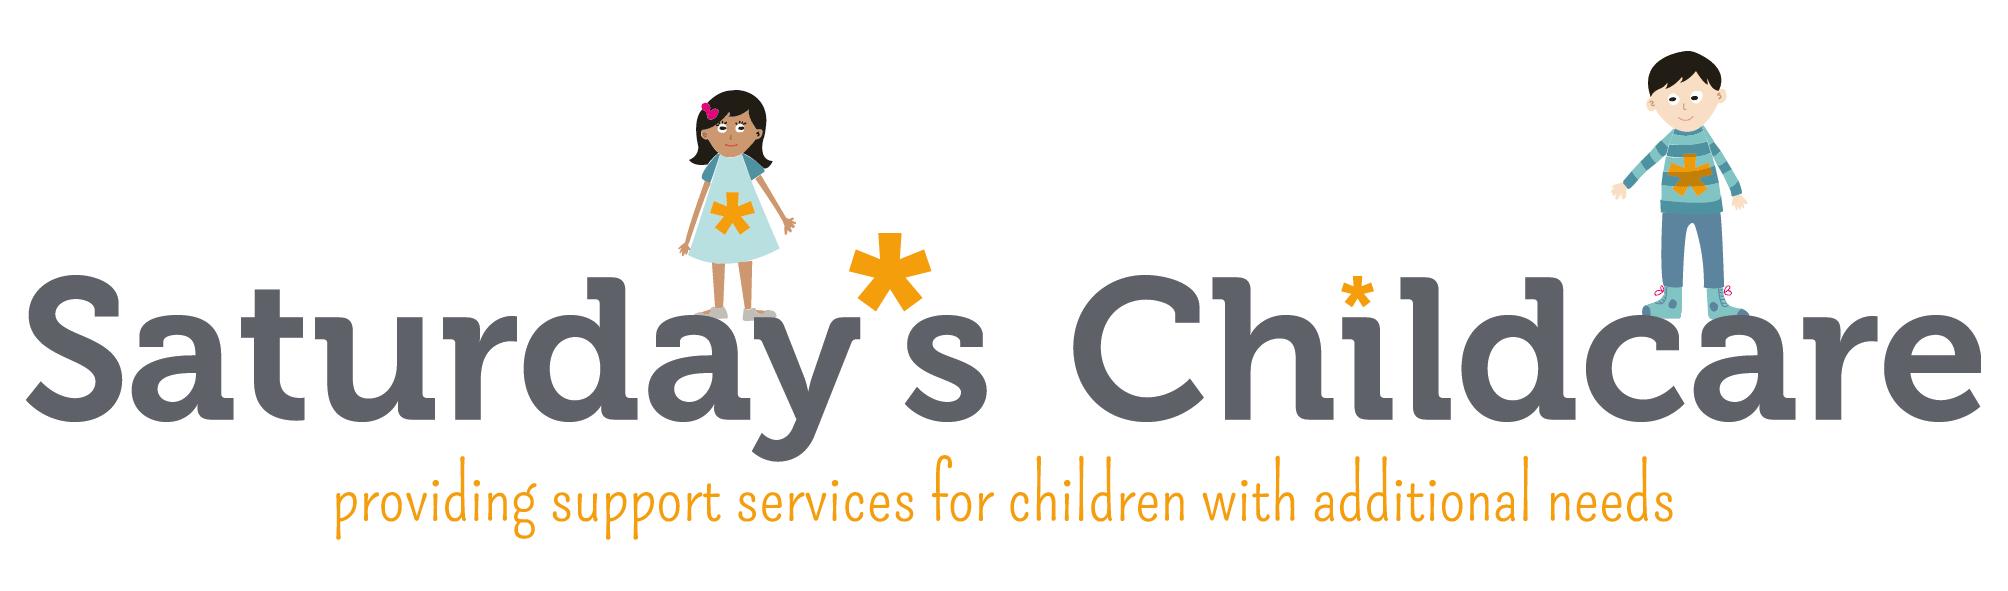 saturdays childcare logo